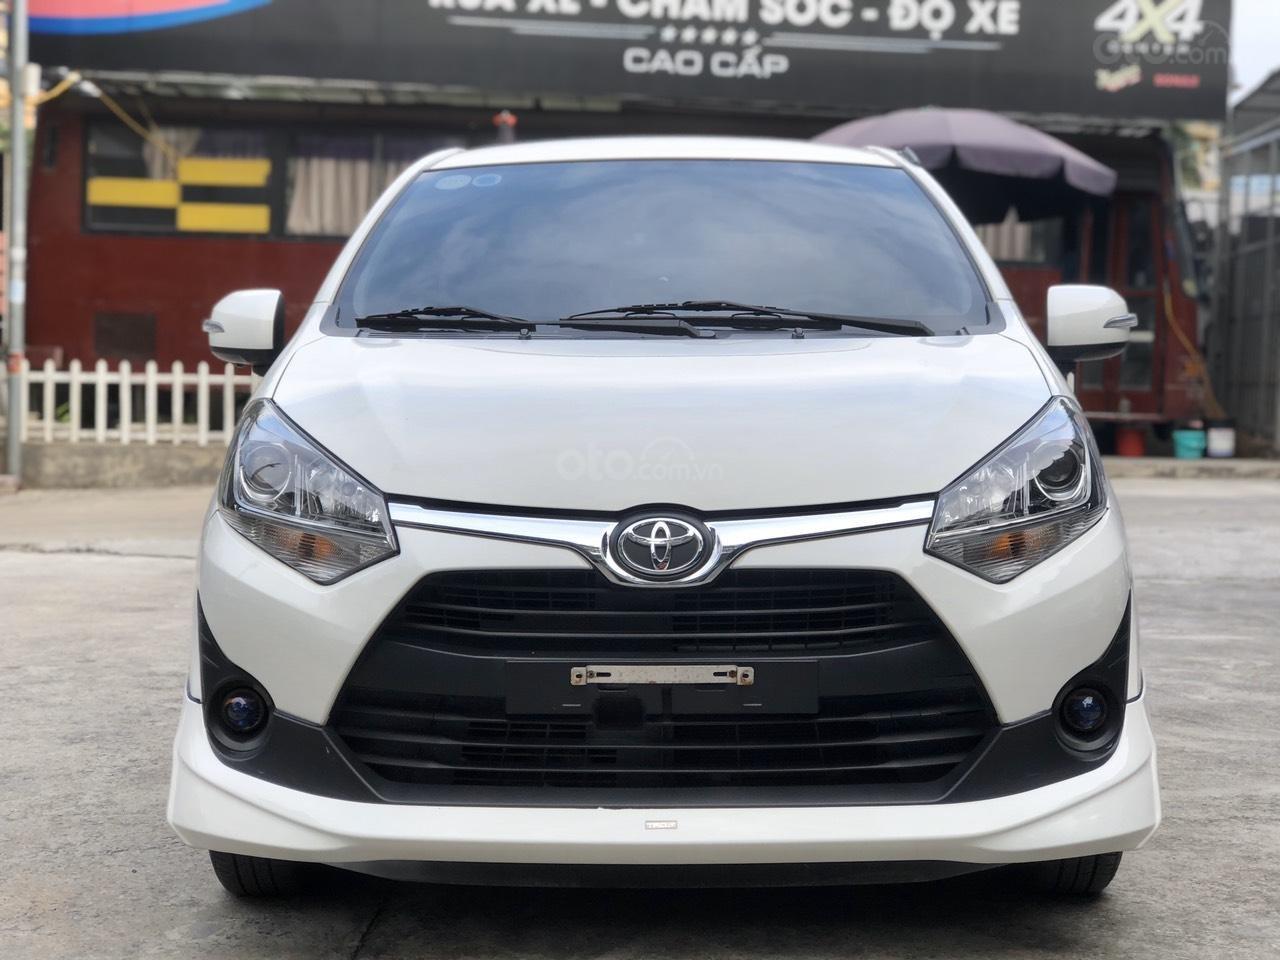 Toyota Wigo 1.2 G AT 2018, màu trắng, số tự động, trả góp (2)